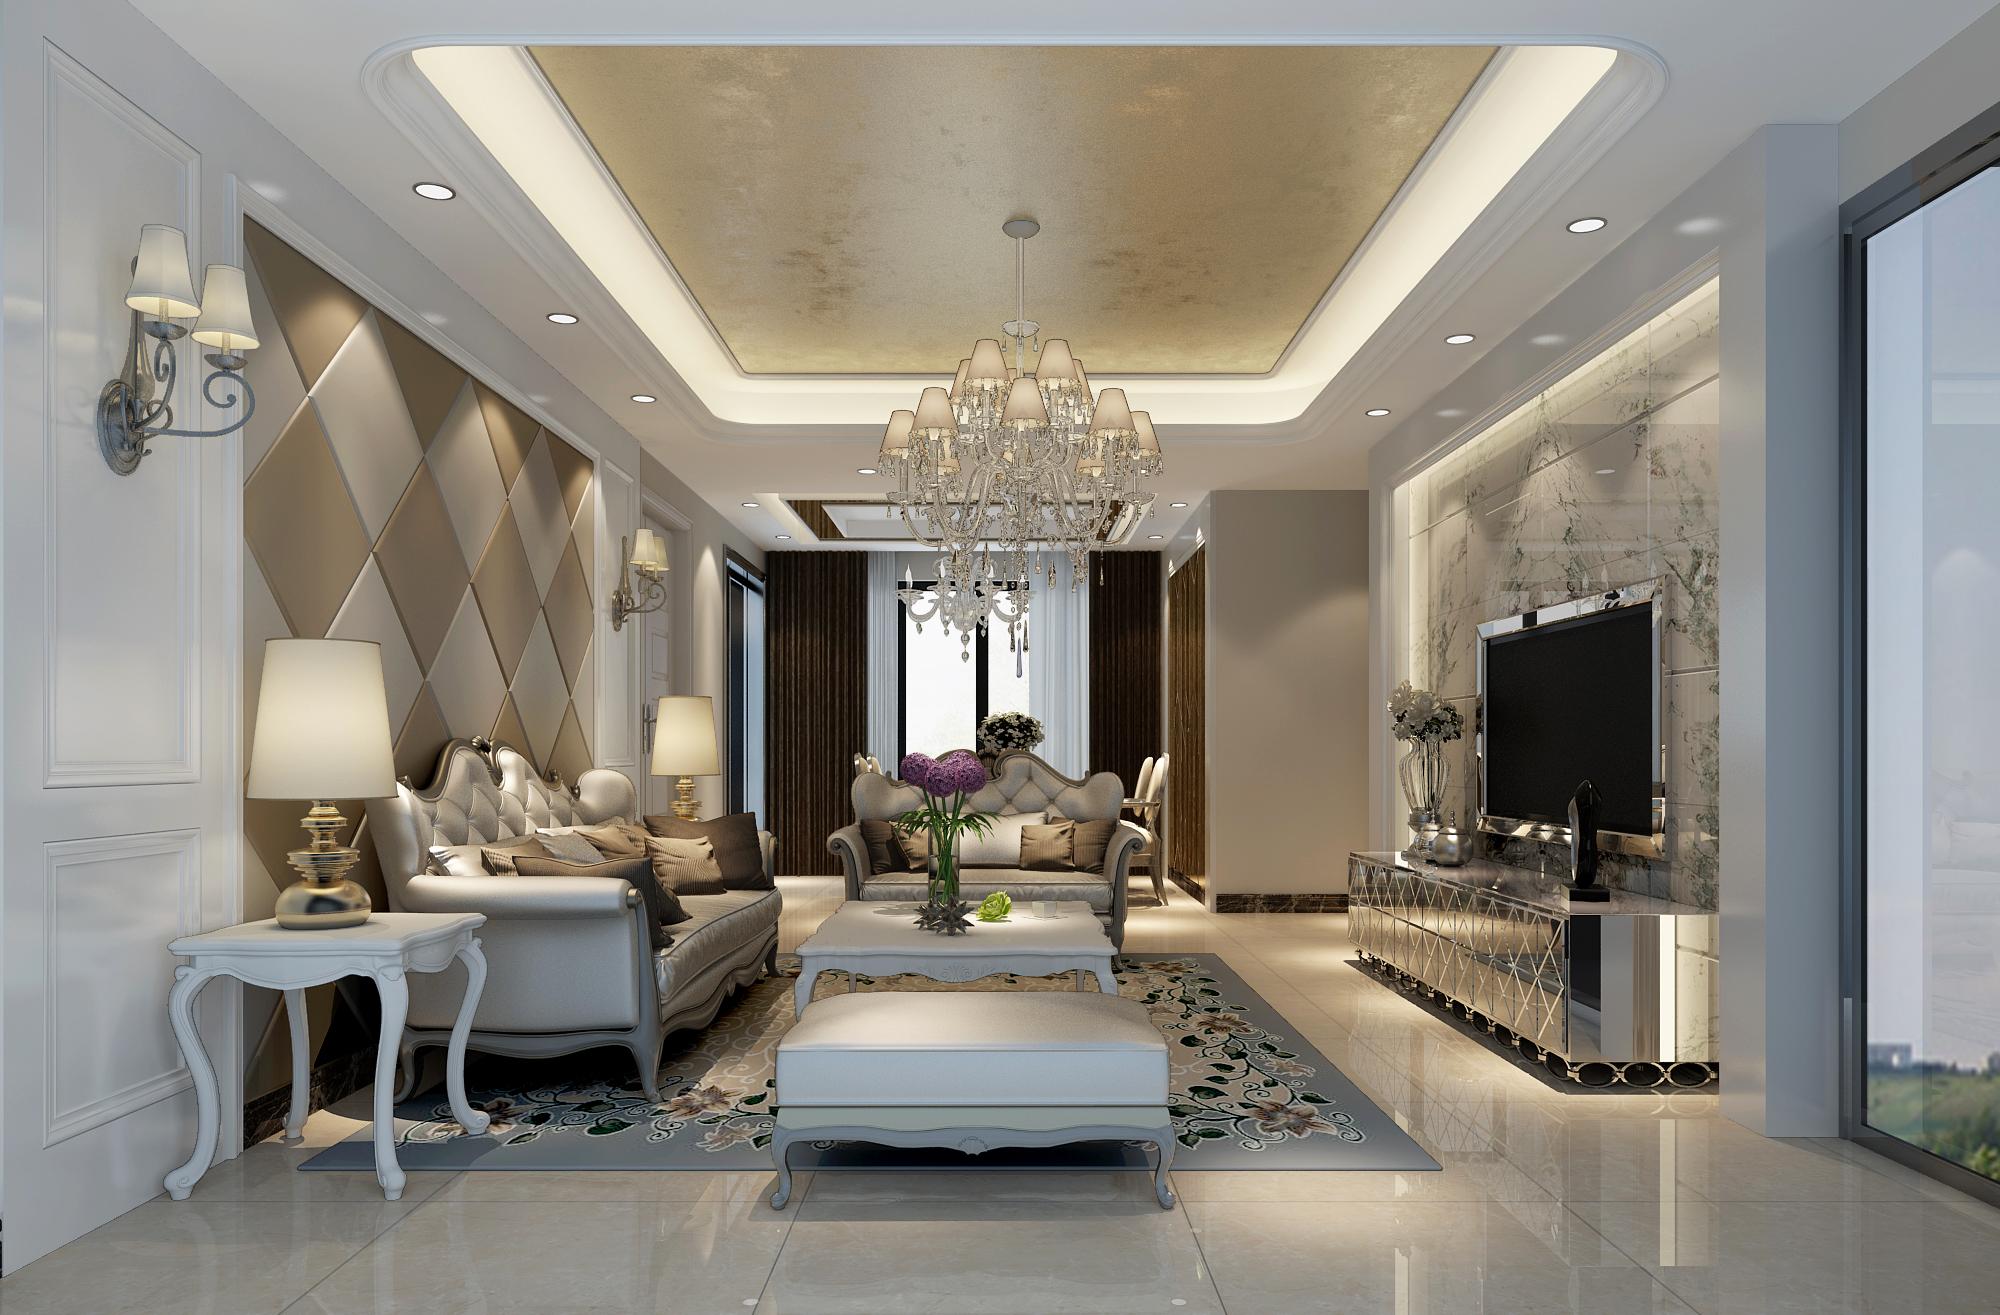 简约 欧式 三居 小资 客厅图片来自实创装饰上海公司在三居室简欧装修效果图的分享